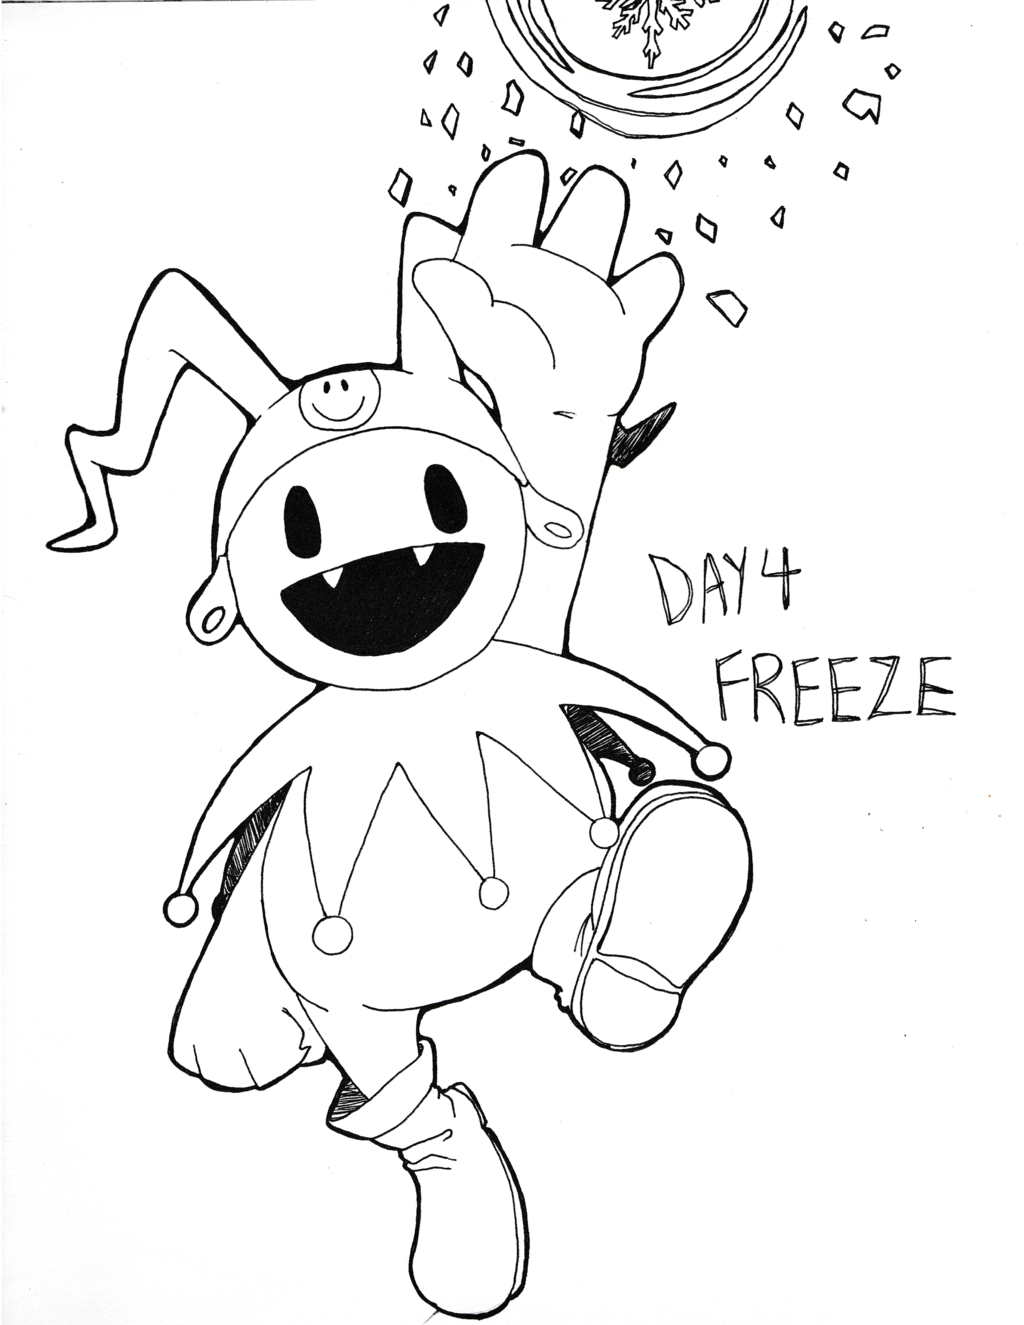 Inktober 2019 - Day 4: Freeze